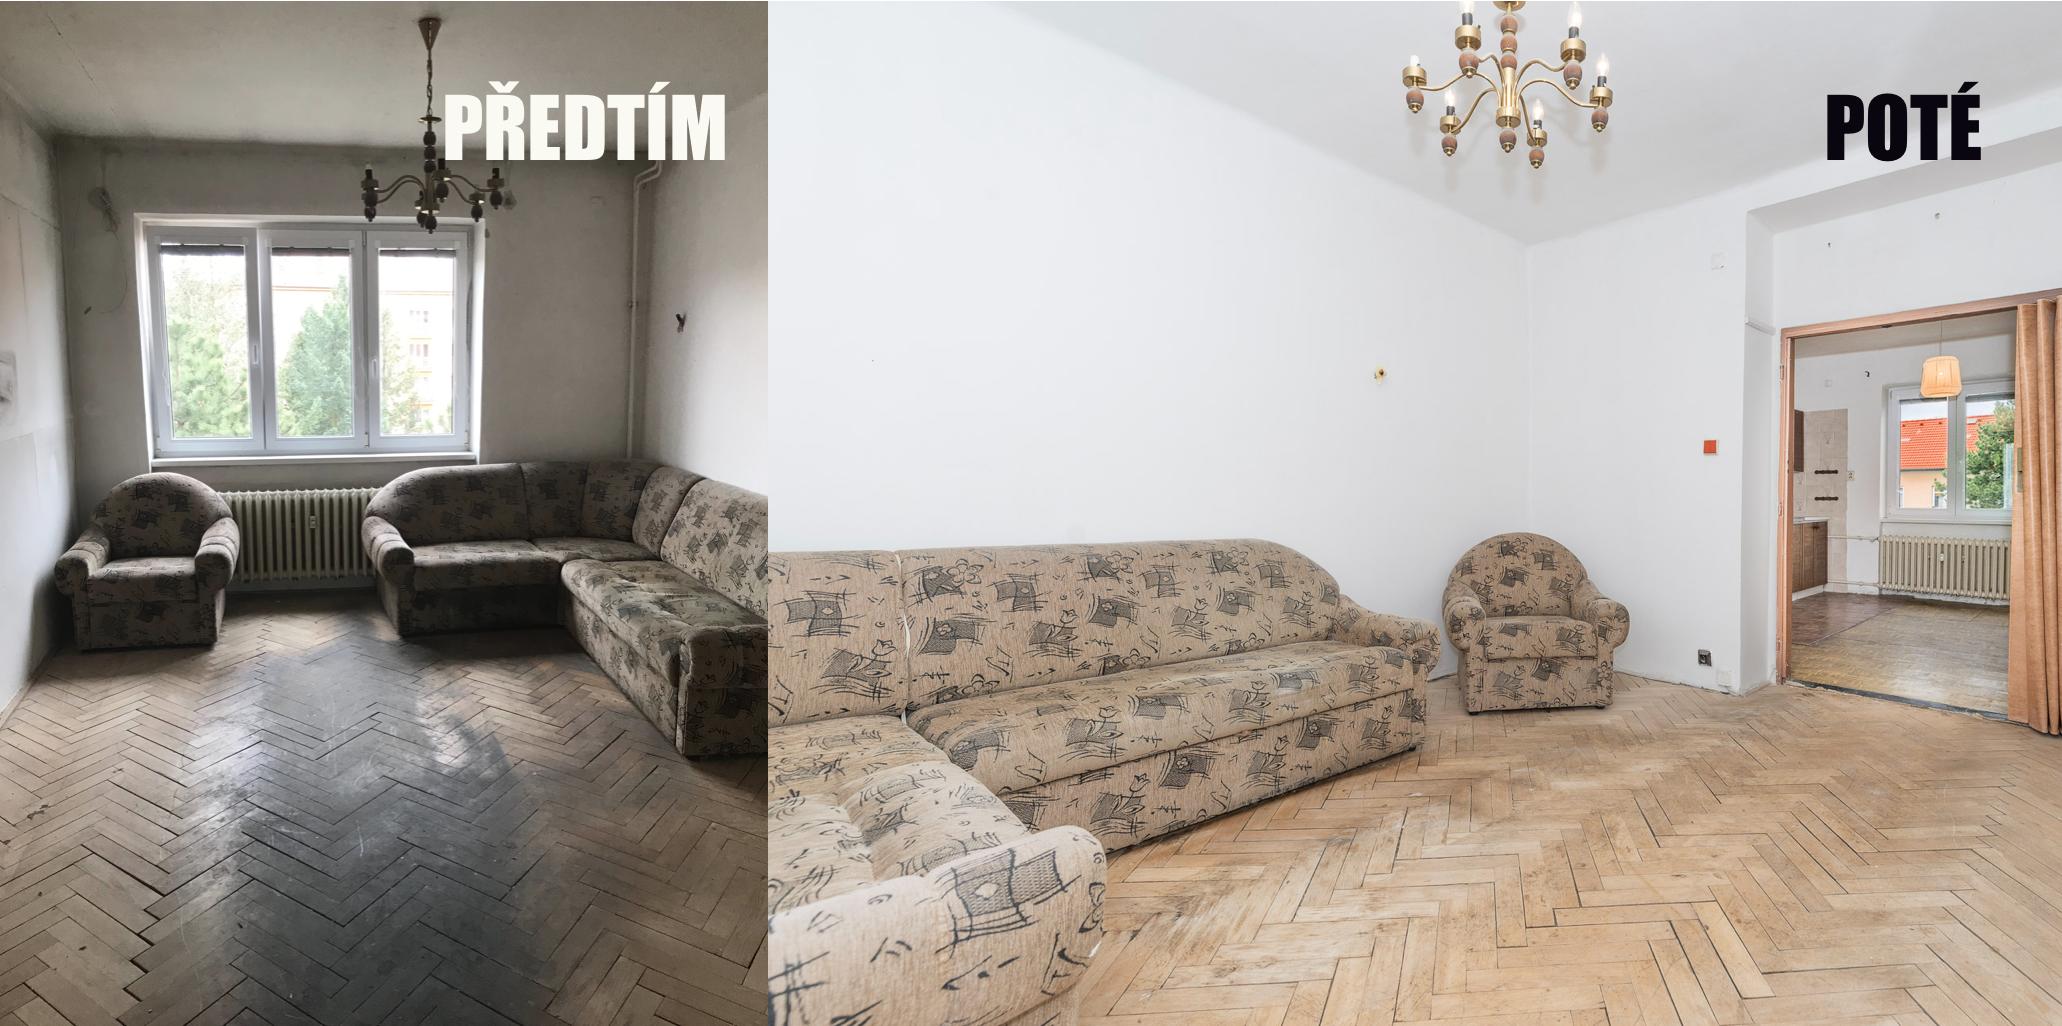 levá část bytu před úpravou s gaučem, pravá část foto po úpravách s gaučem